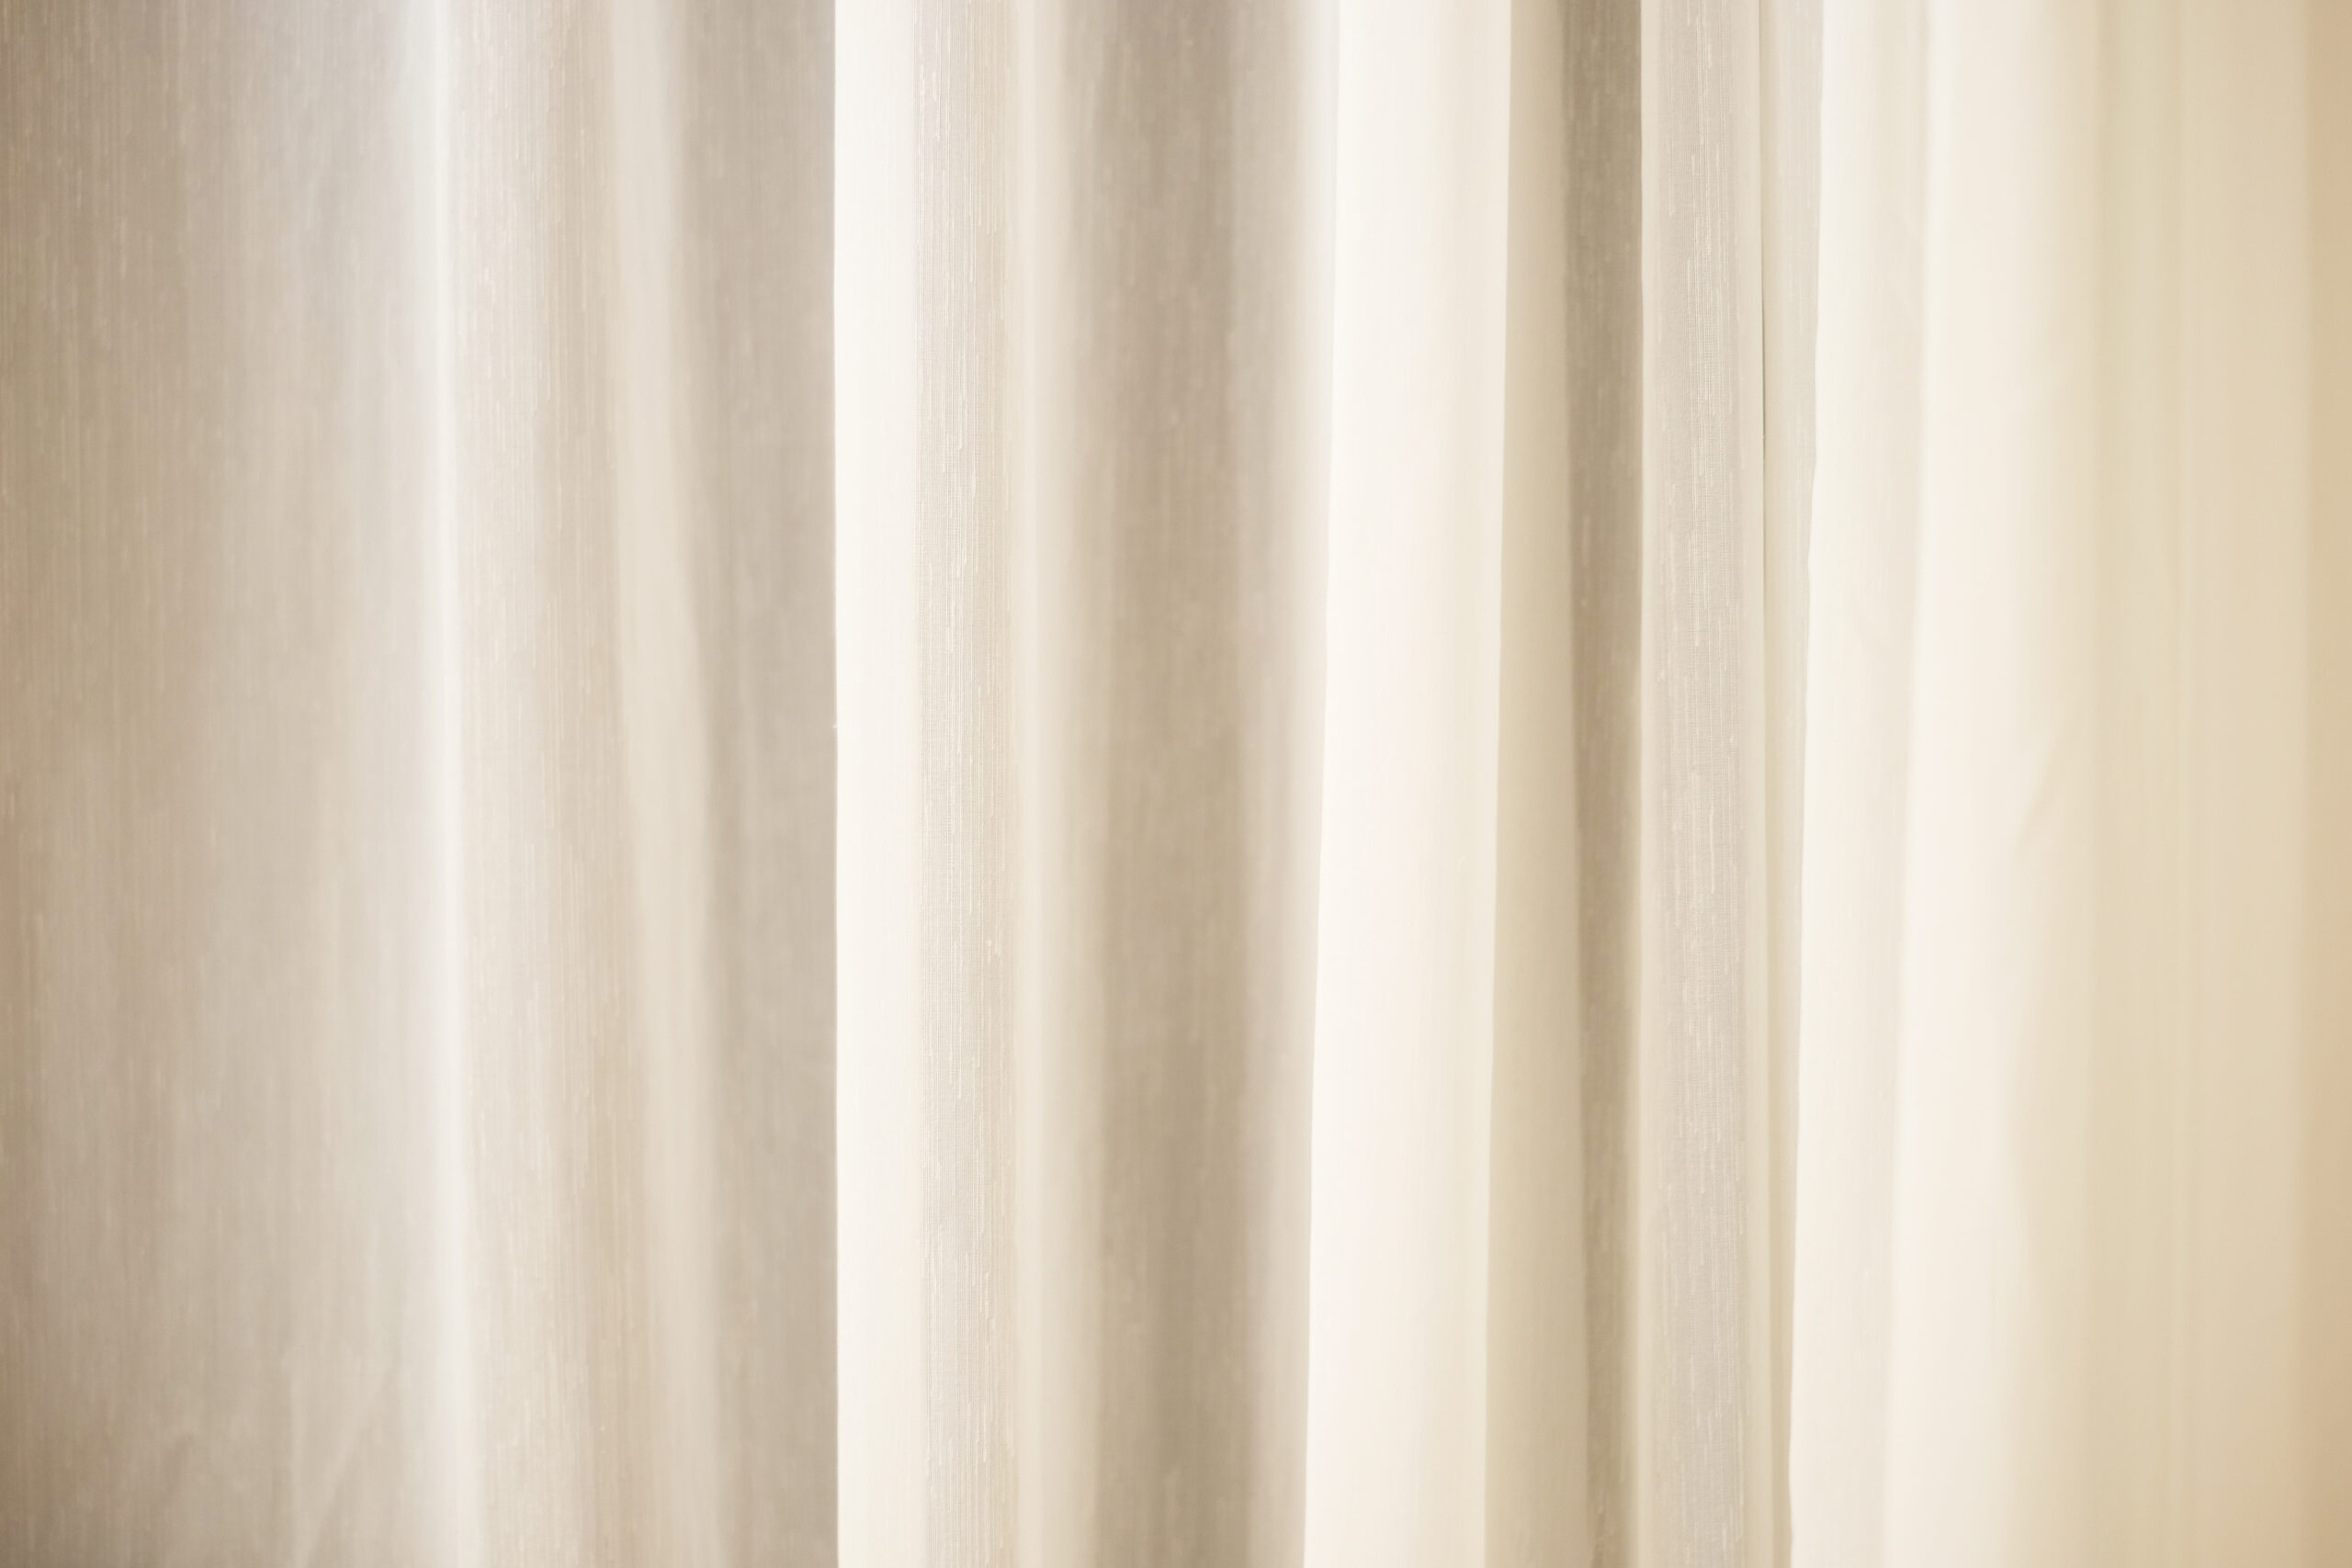 ▶シンプルなデザイン、色のカーテンに